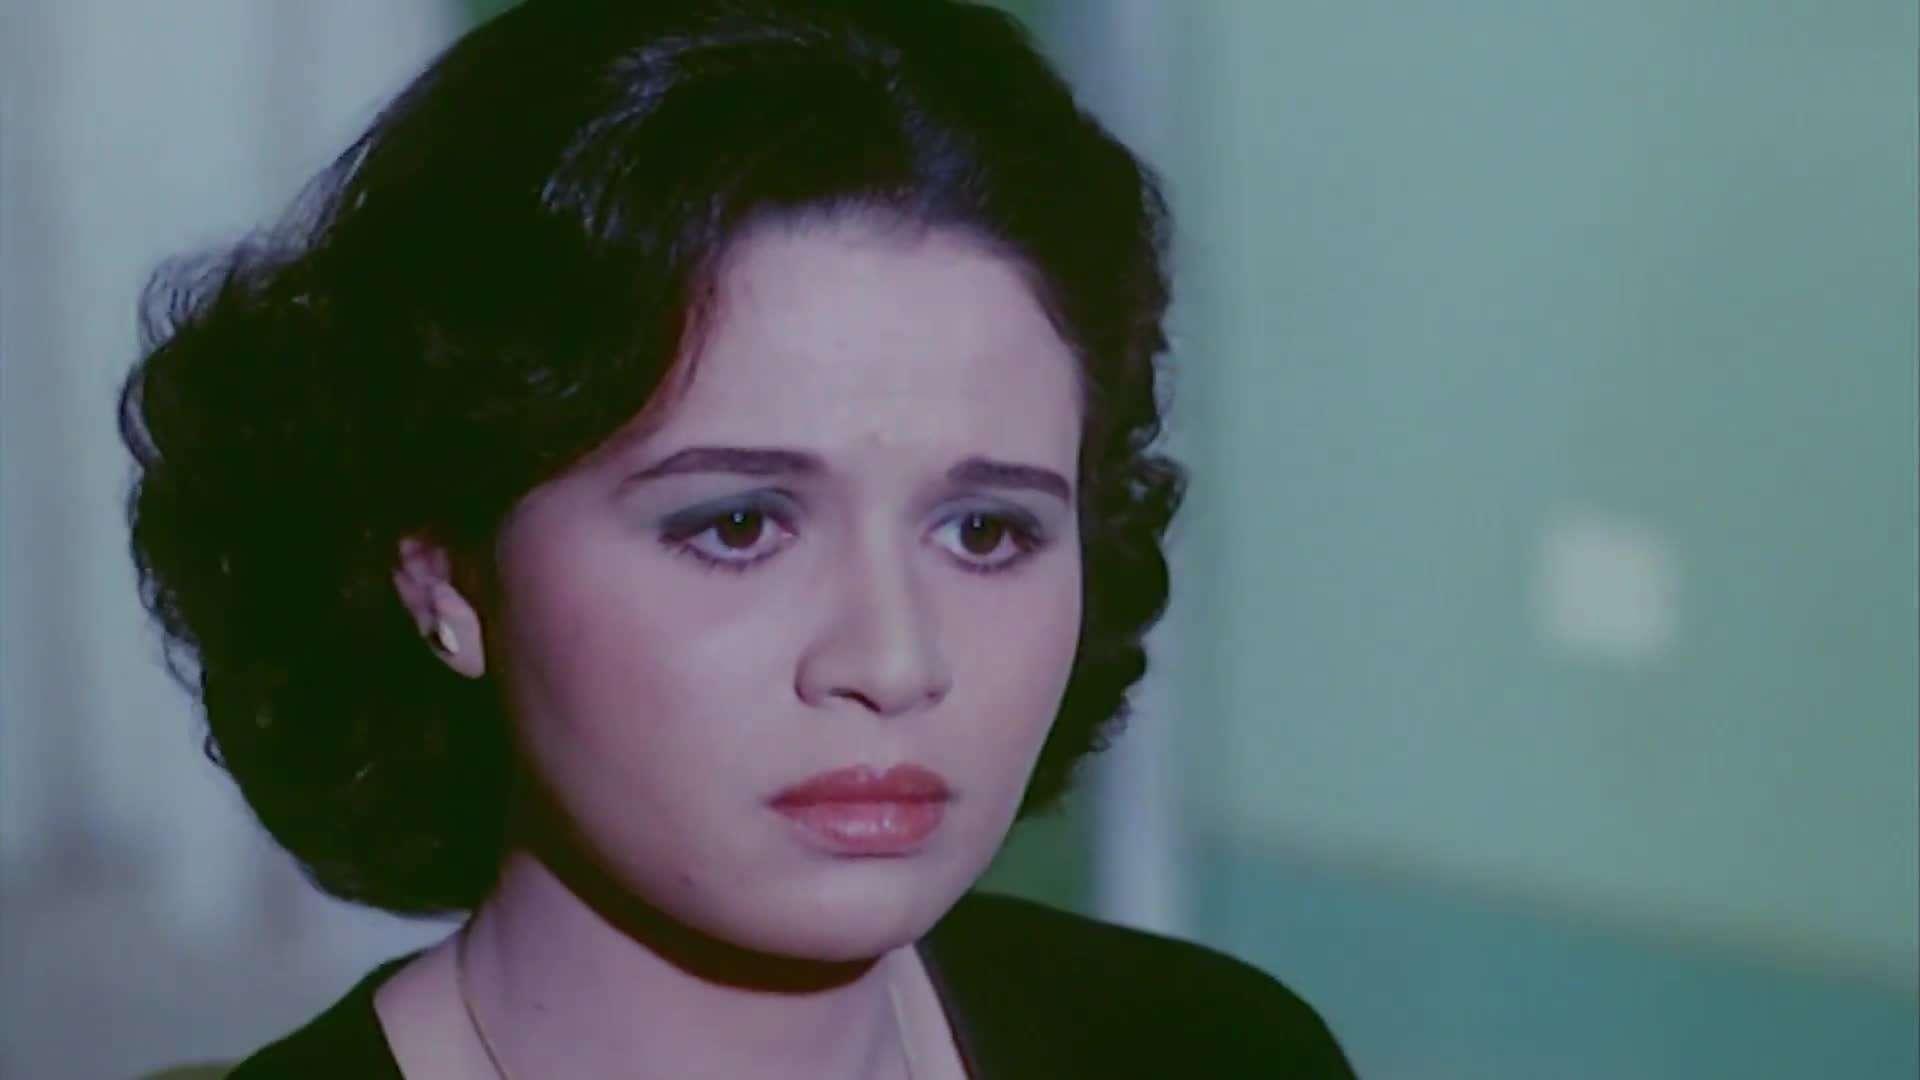 [فيلم][تورنت][تحميل][العار][1982][1080p][Web-DL] 5 arabp2p.com